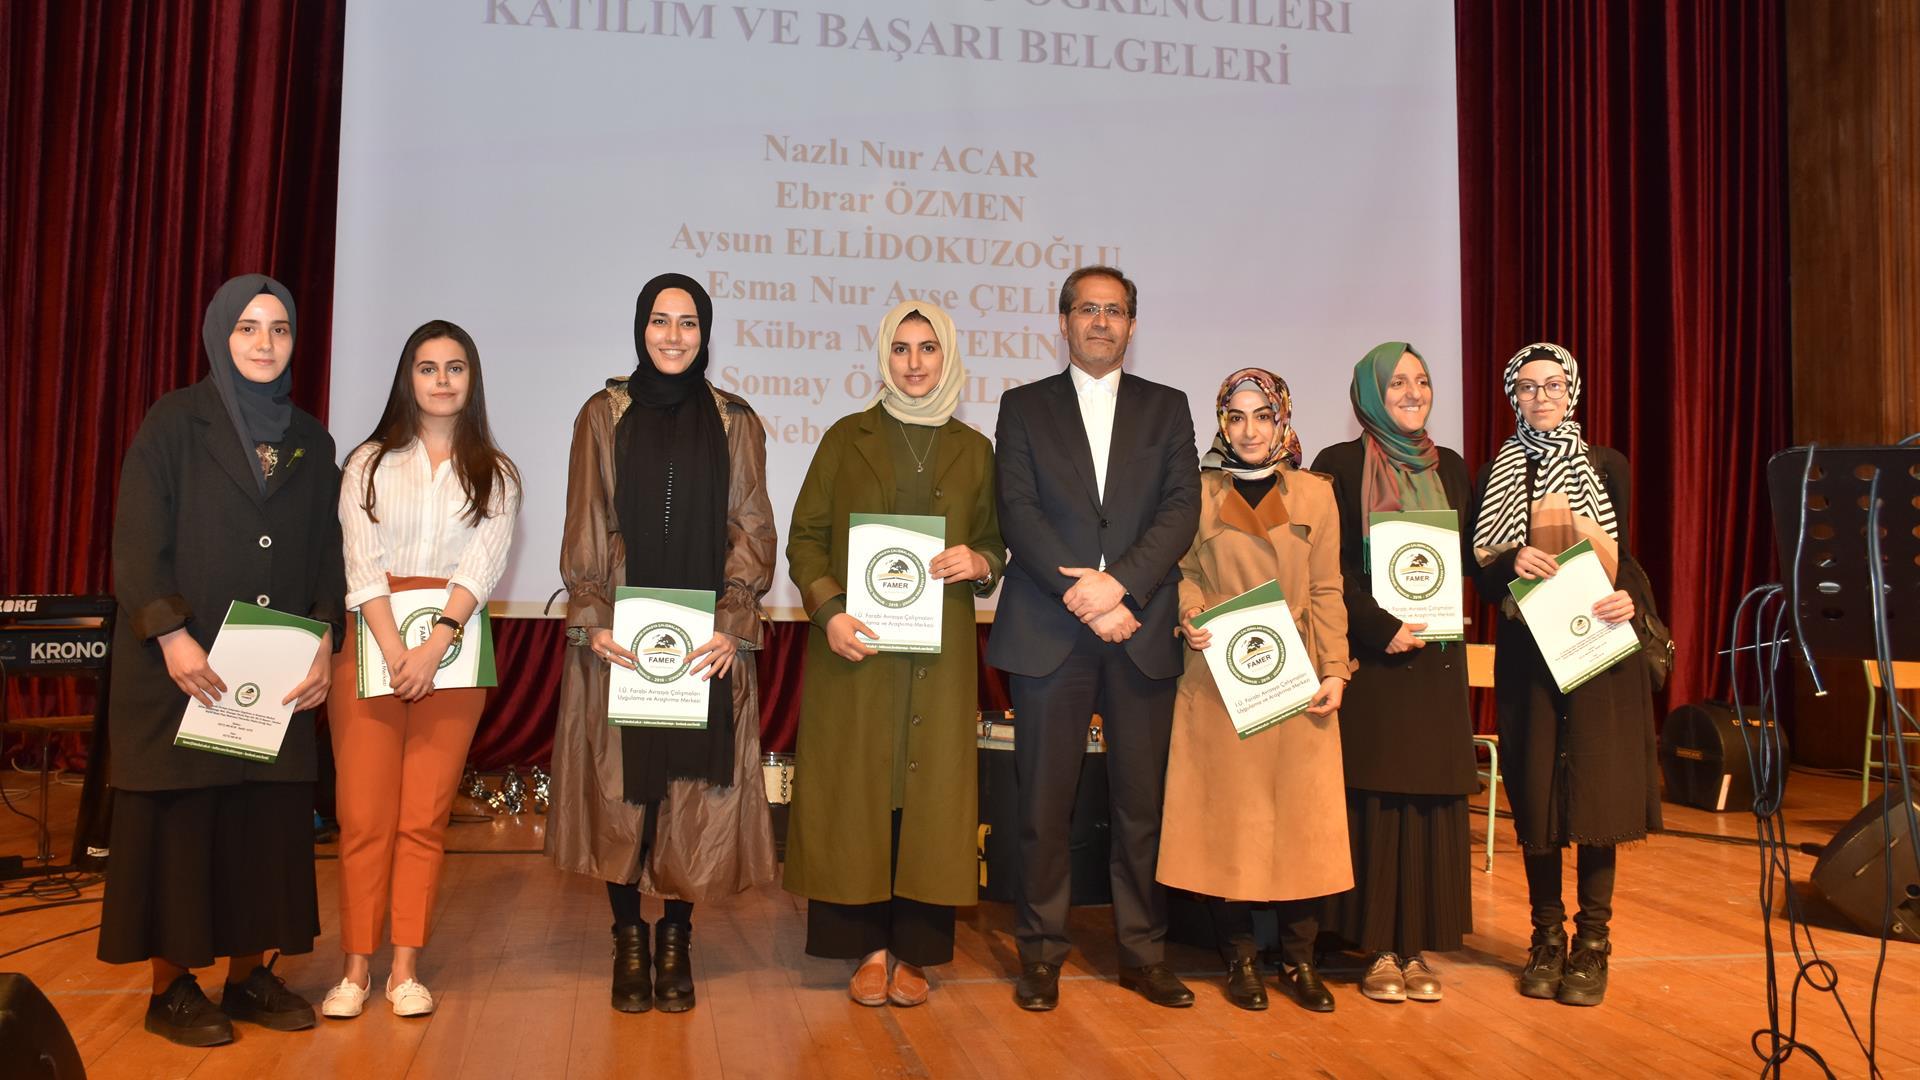 Medya-Alanında-Arapça -Farsça -Rusya-ve-Kazakça-İhtisas-Kursu-Sertifika-ve-Ödül-Töreni-İstanbul-Üniversitesi'nde-Gerçekleştirildi